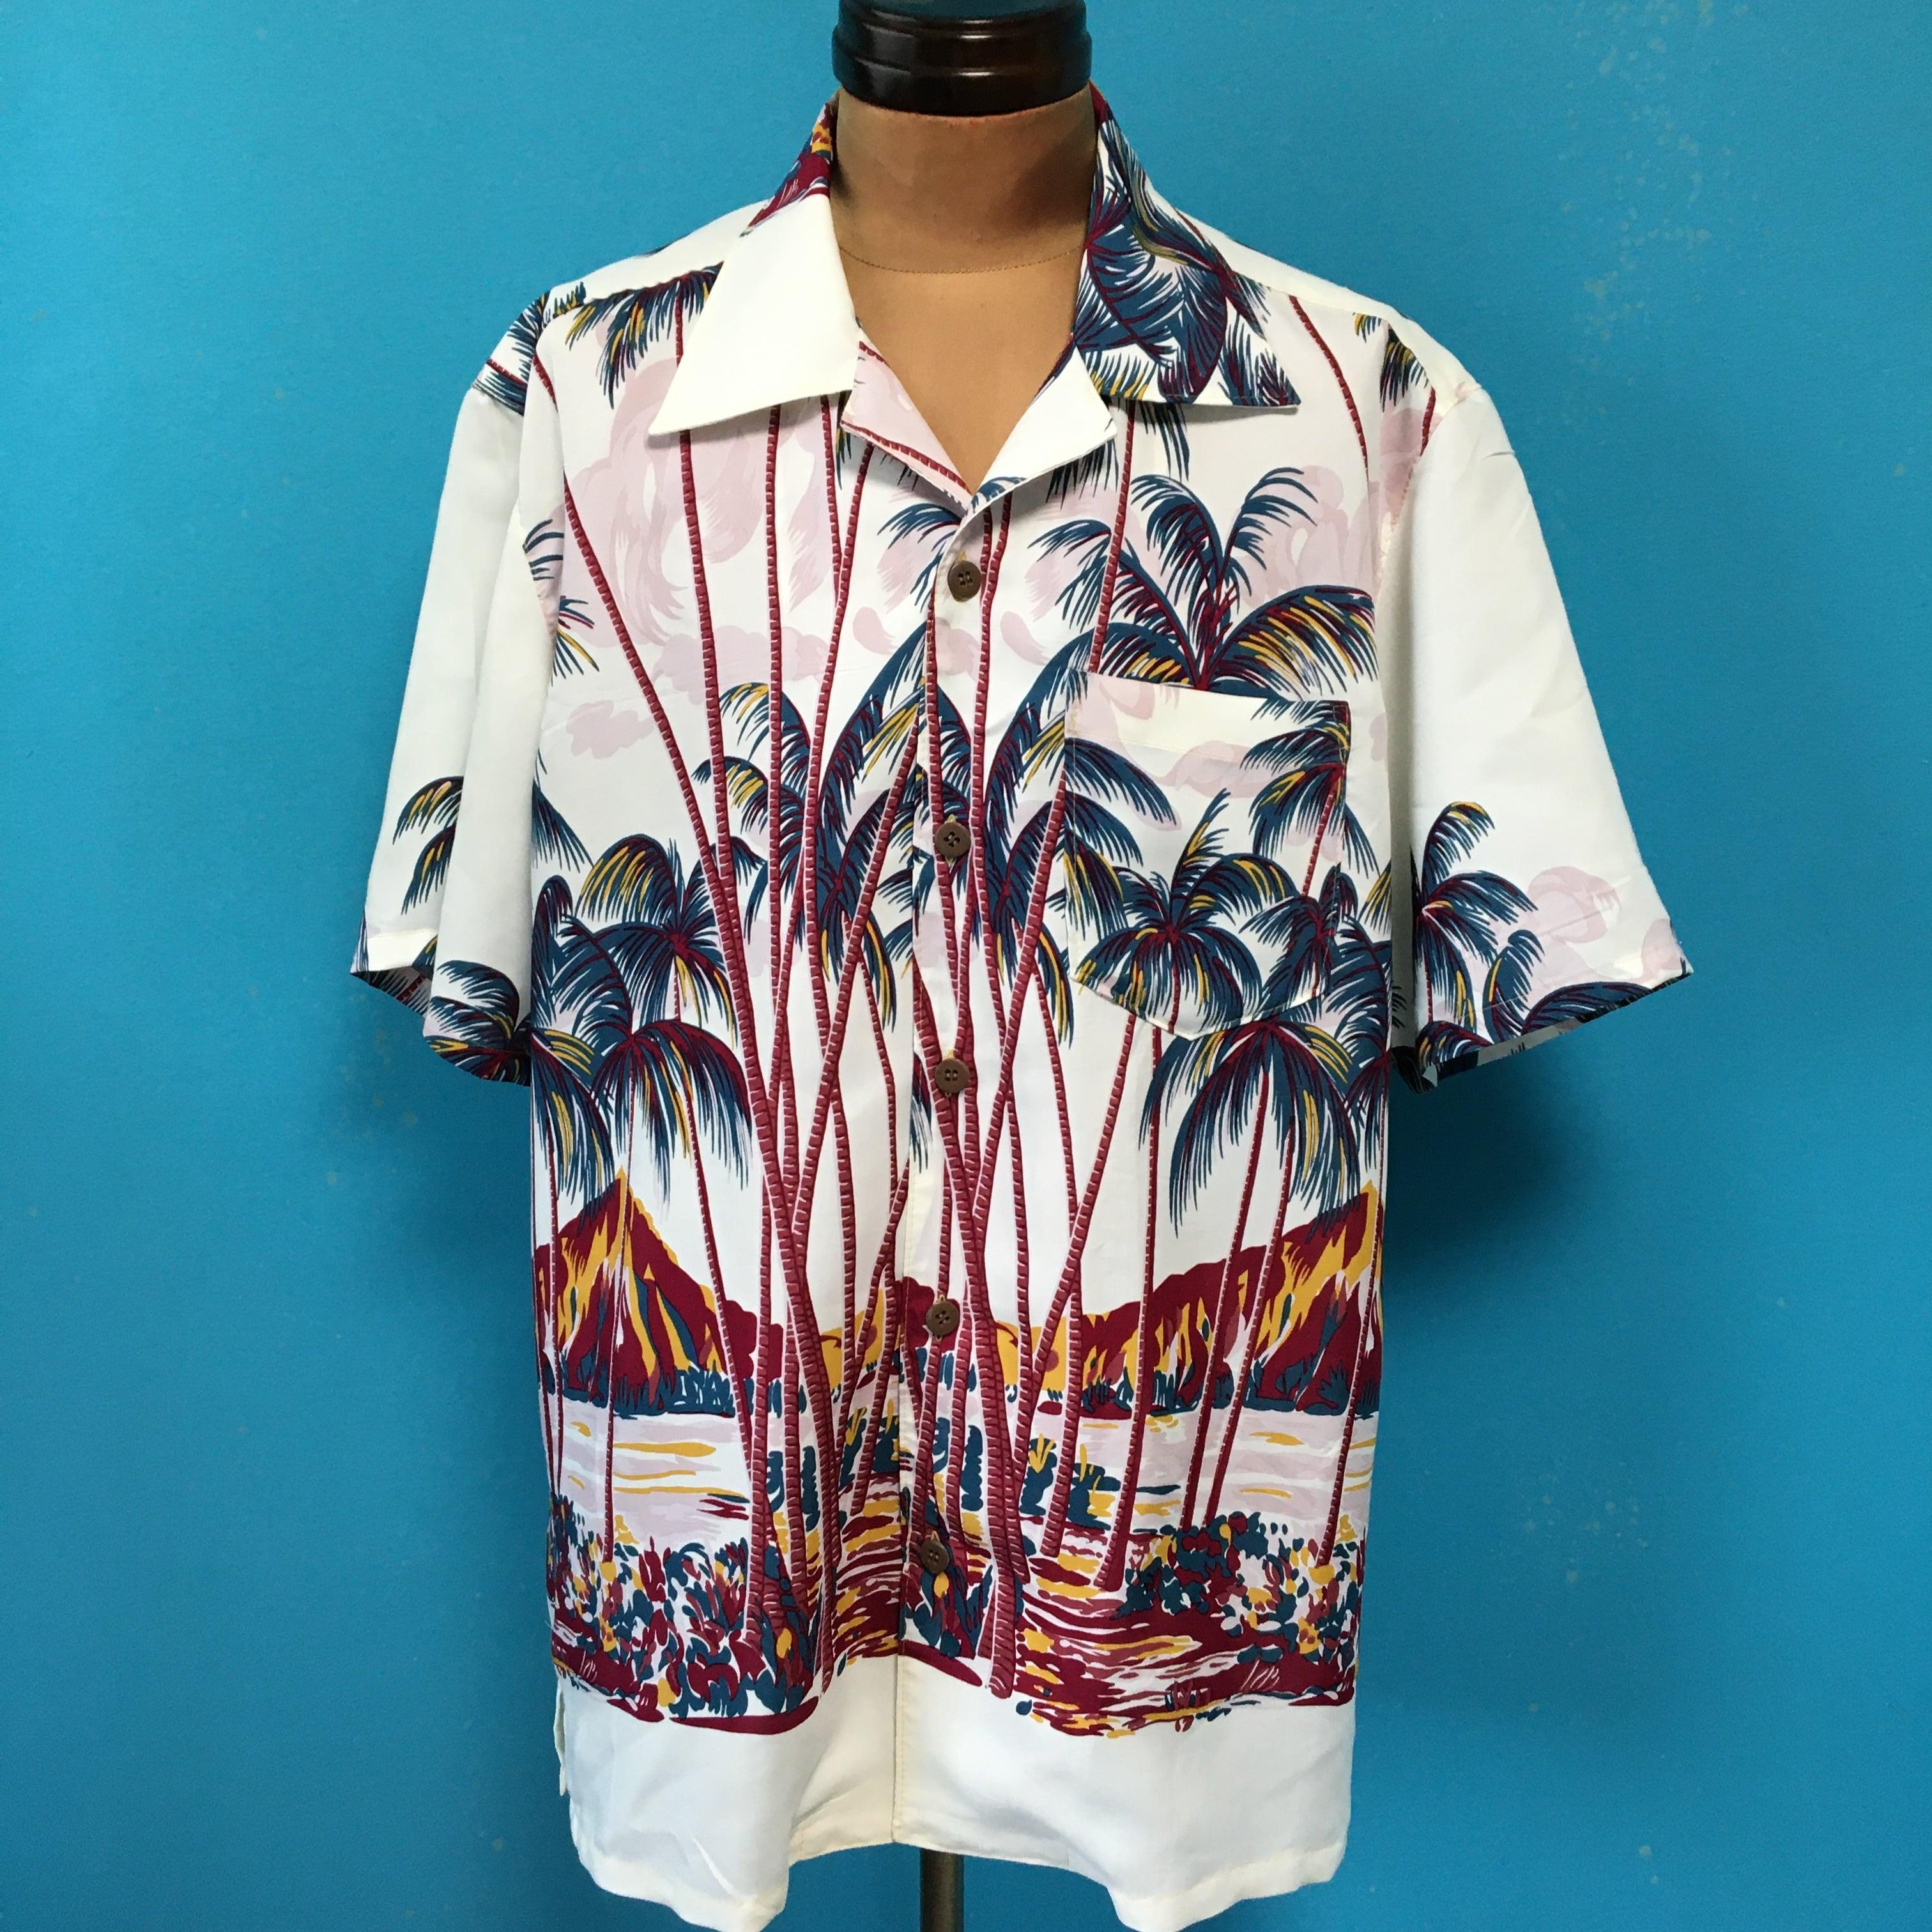 アイランドプリントのアロハシャツ 綿 US L